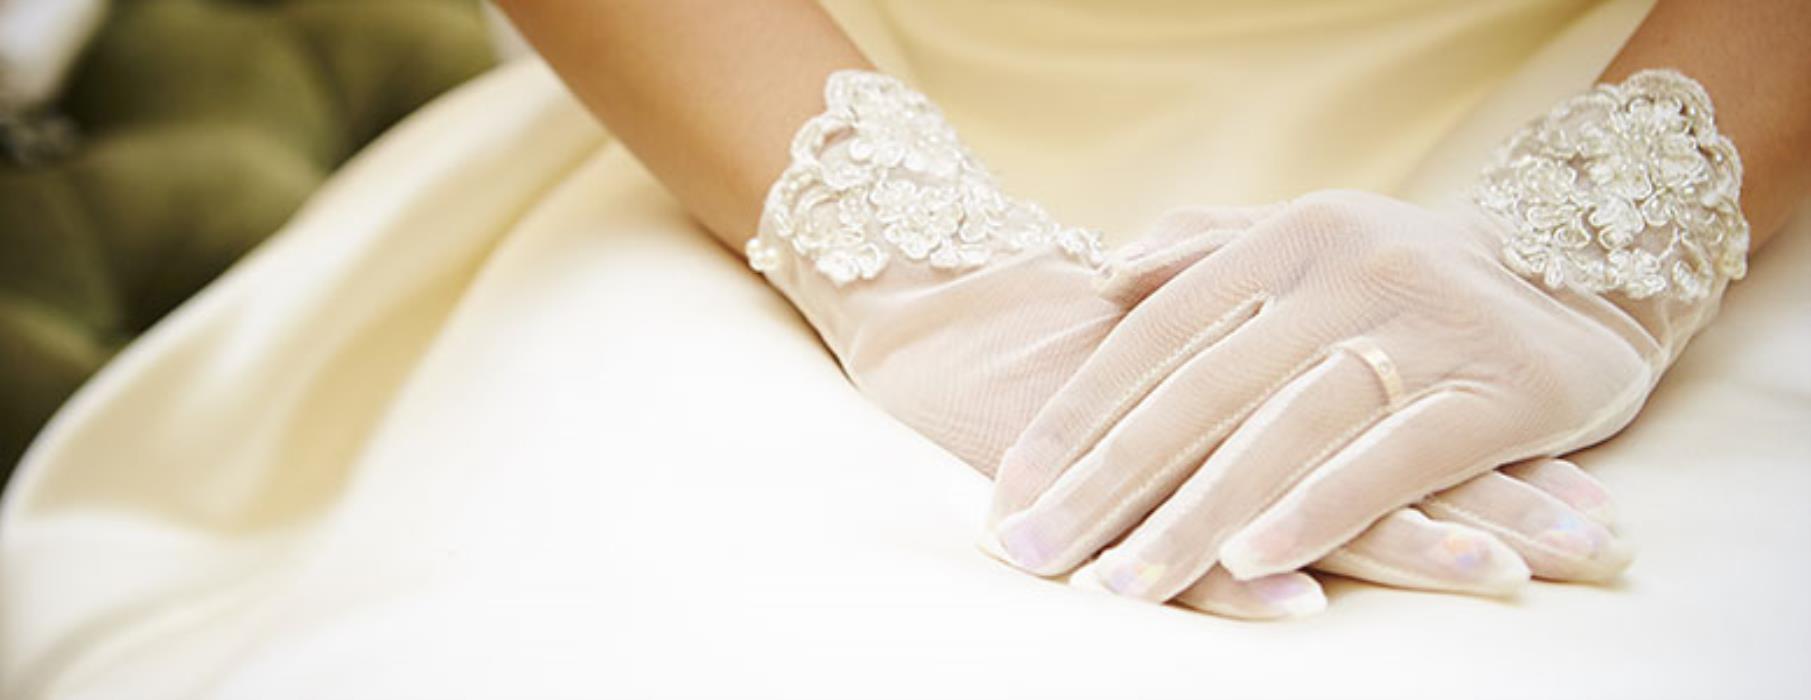 guantini da sposa in organza e pizzo